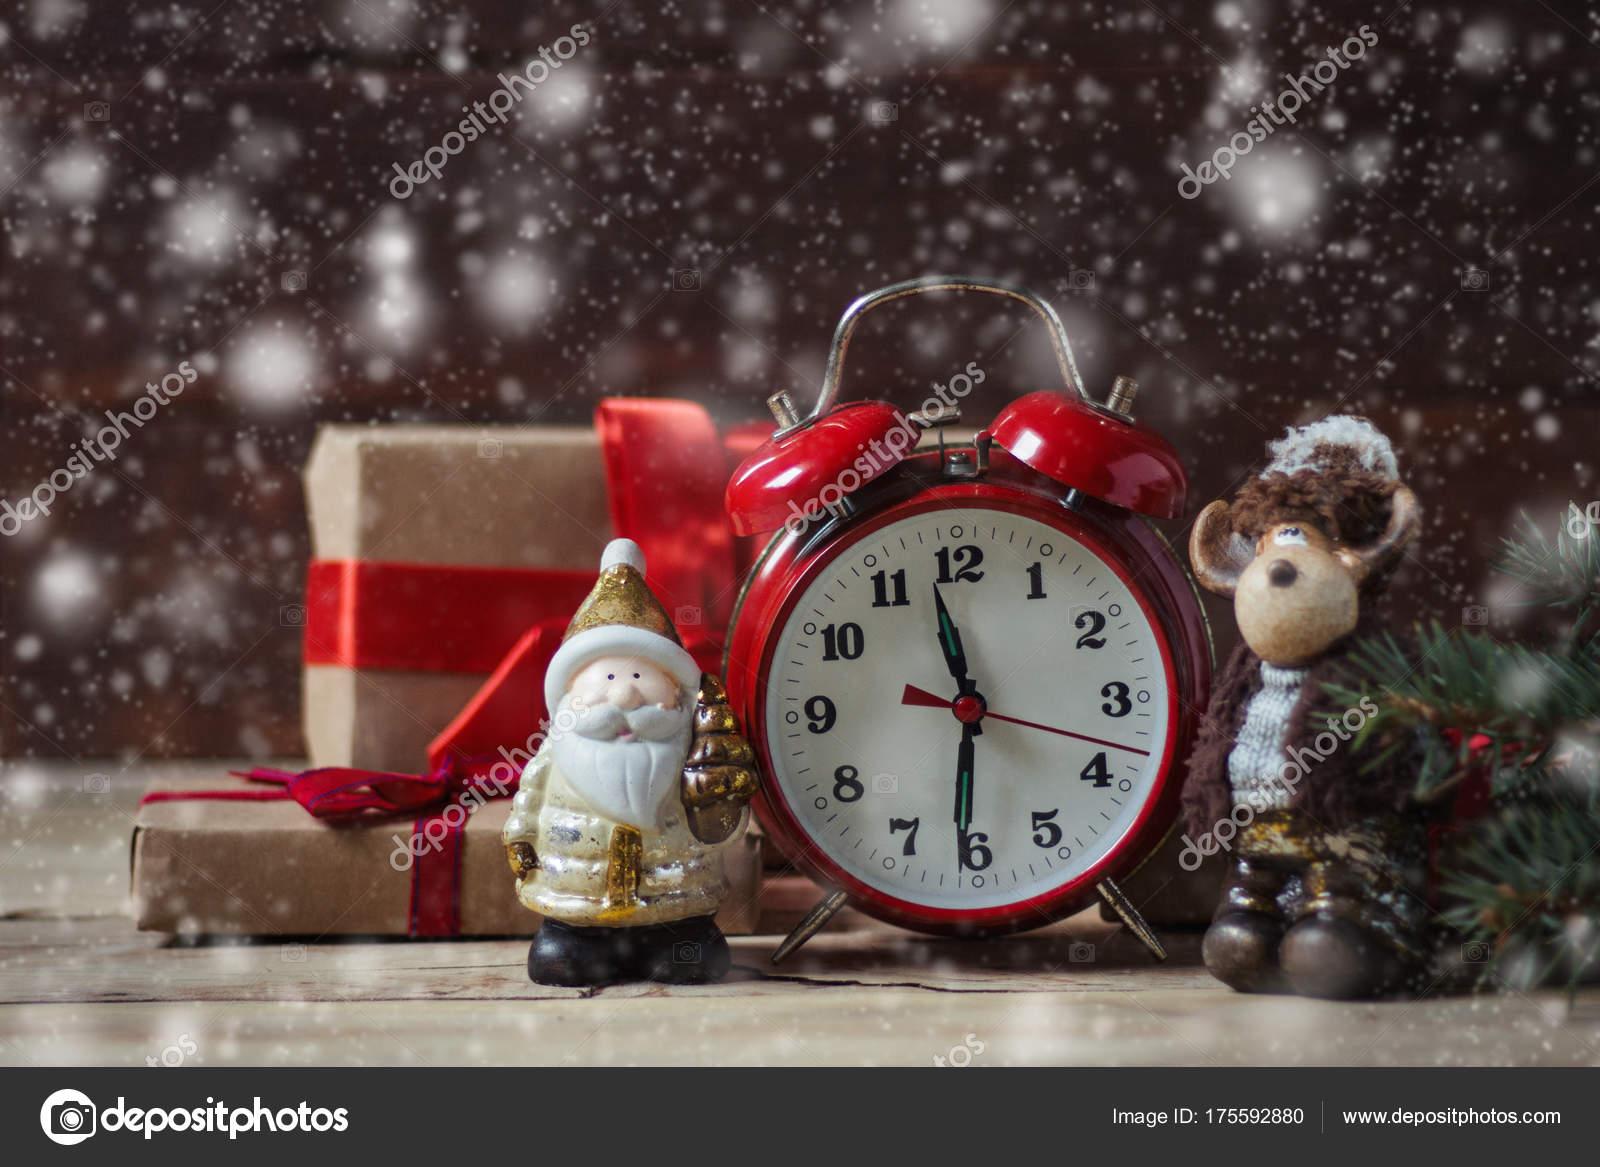 Schöne Geschenkideen Weihnachten.Schöne Weihnachten Konzept Wecker Geschenke Und Weihnachten St